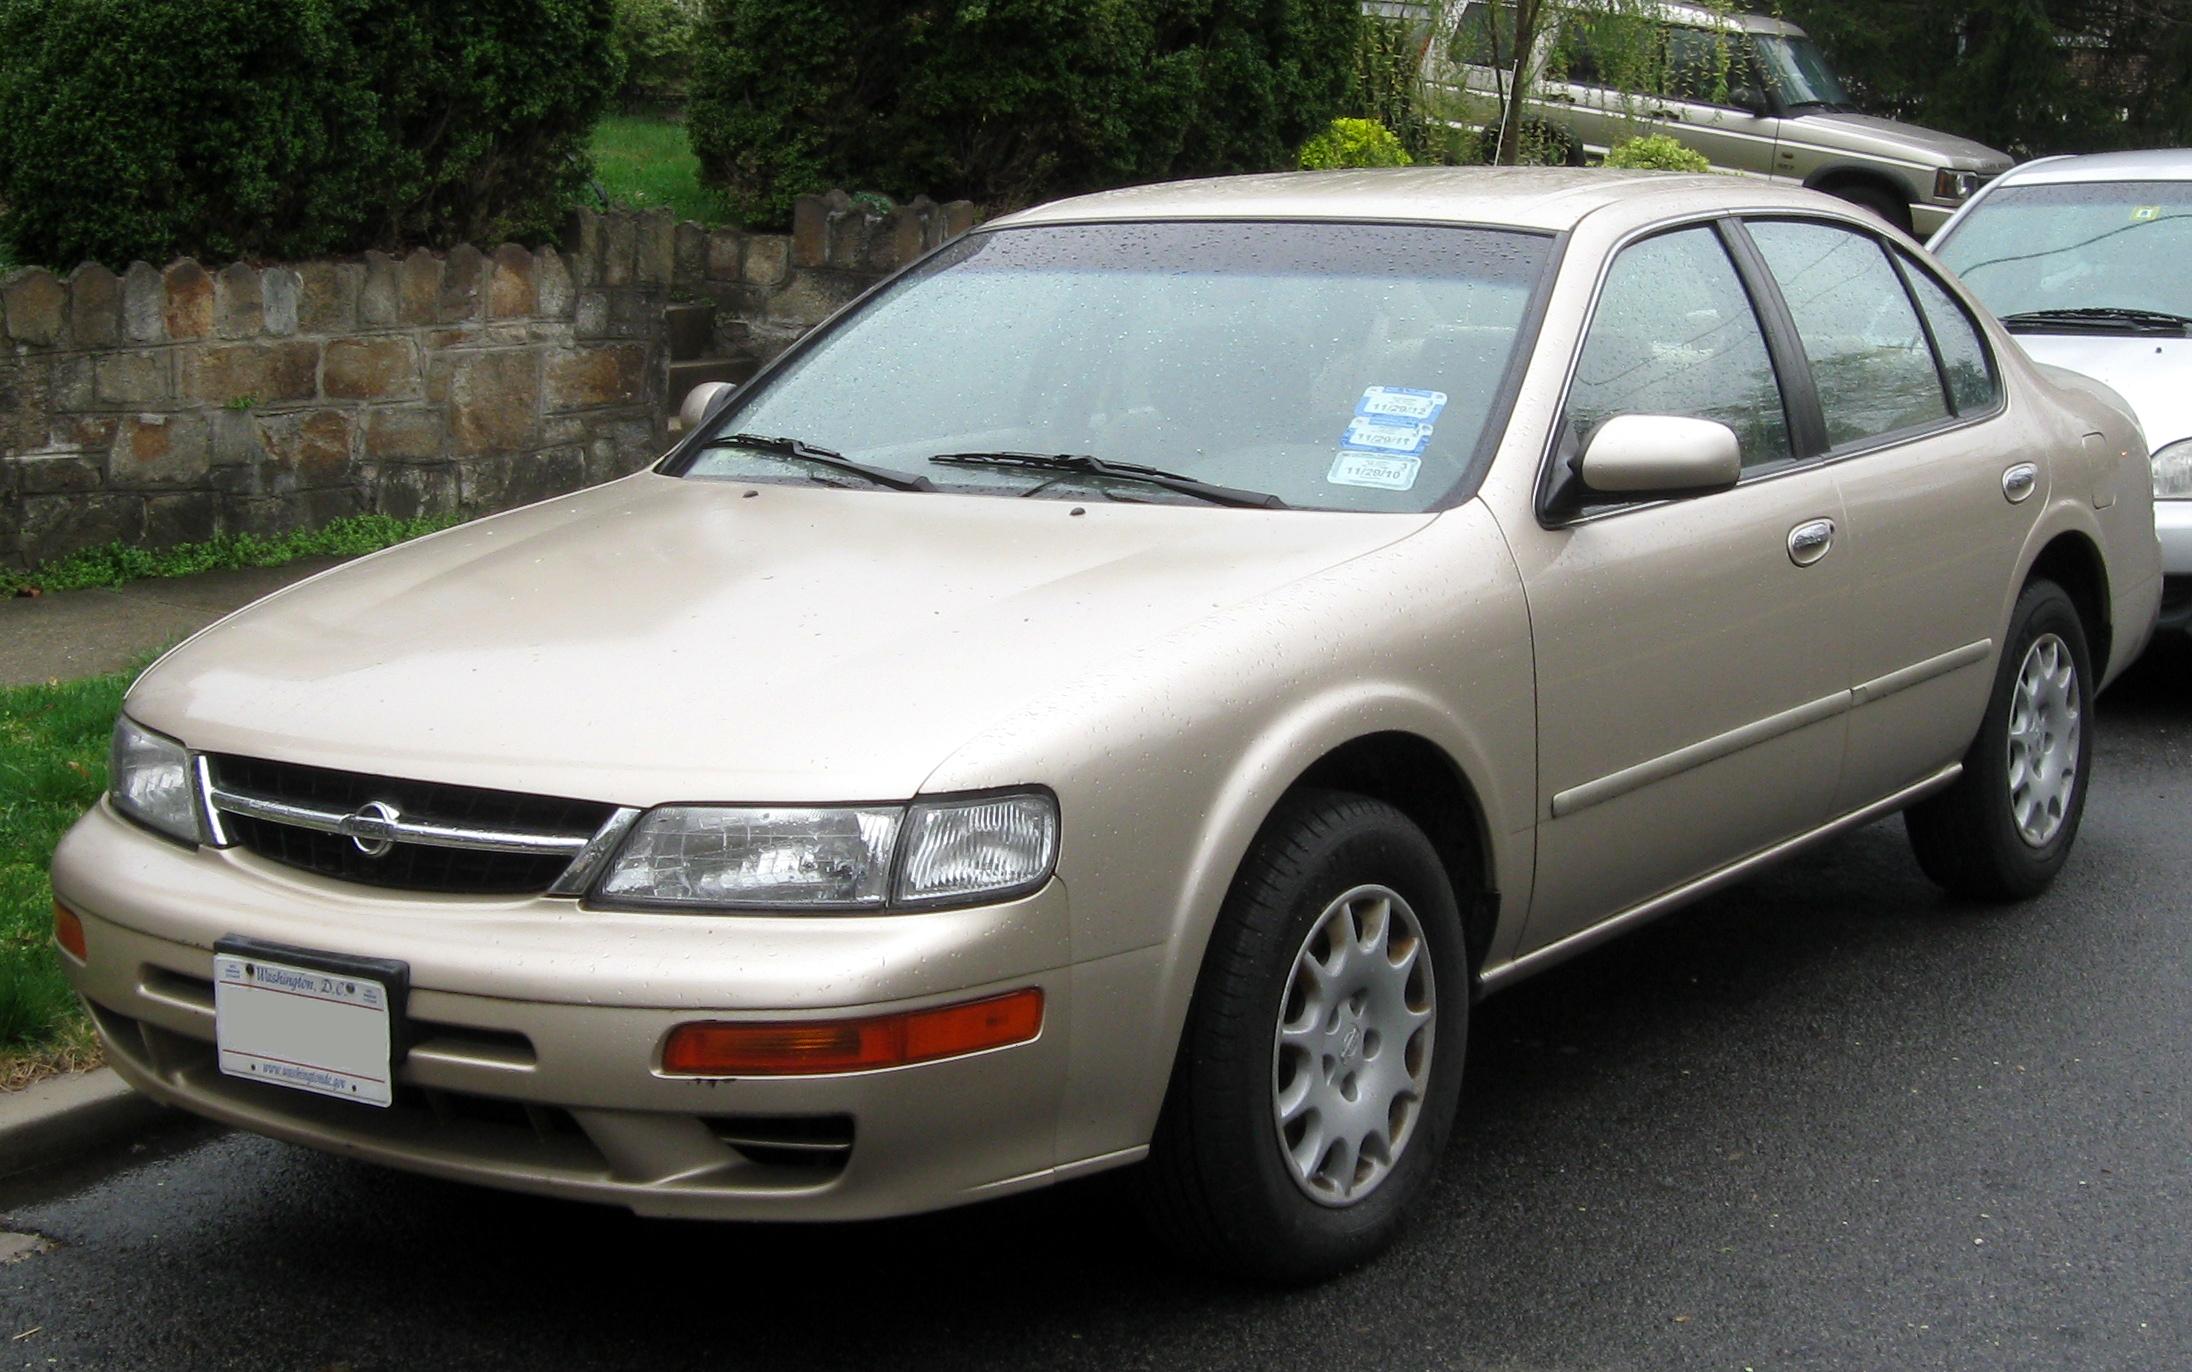 1997 Nissan Maxima Partsopen Spark Plugs Src